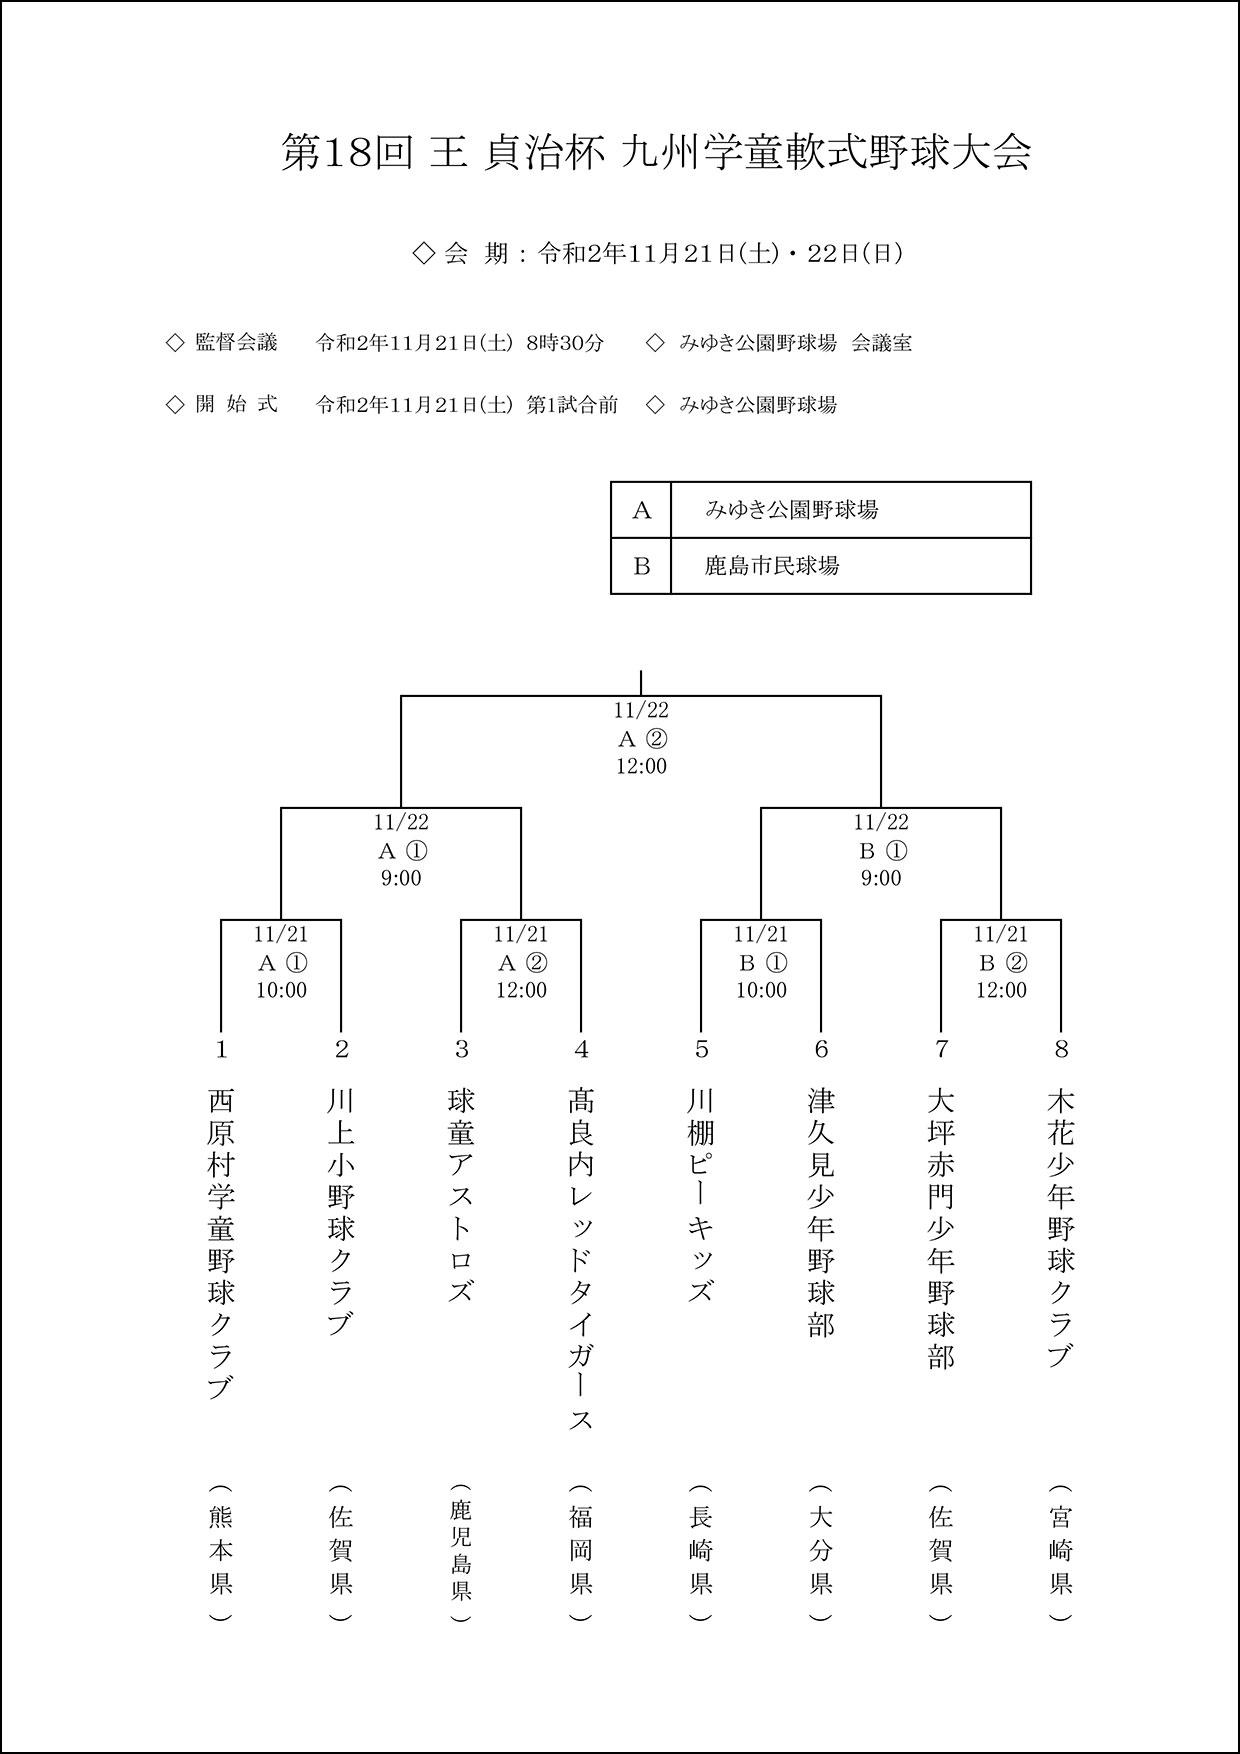 【組合せ】第18回 王 貞治杯 九州学童軟式野球大会